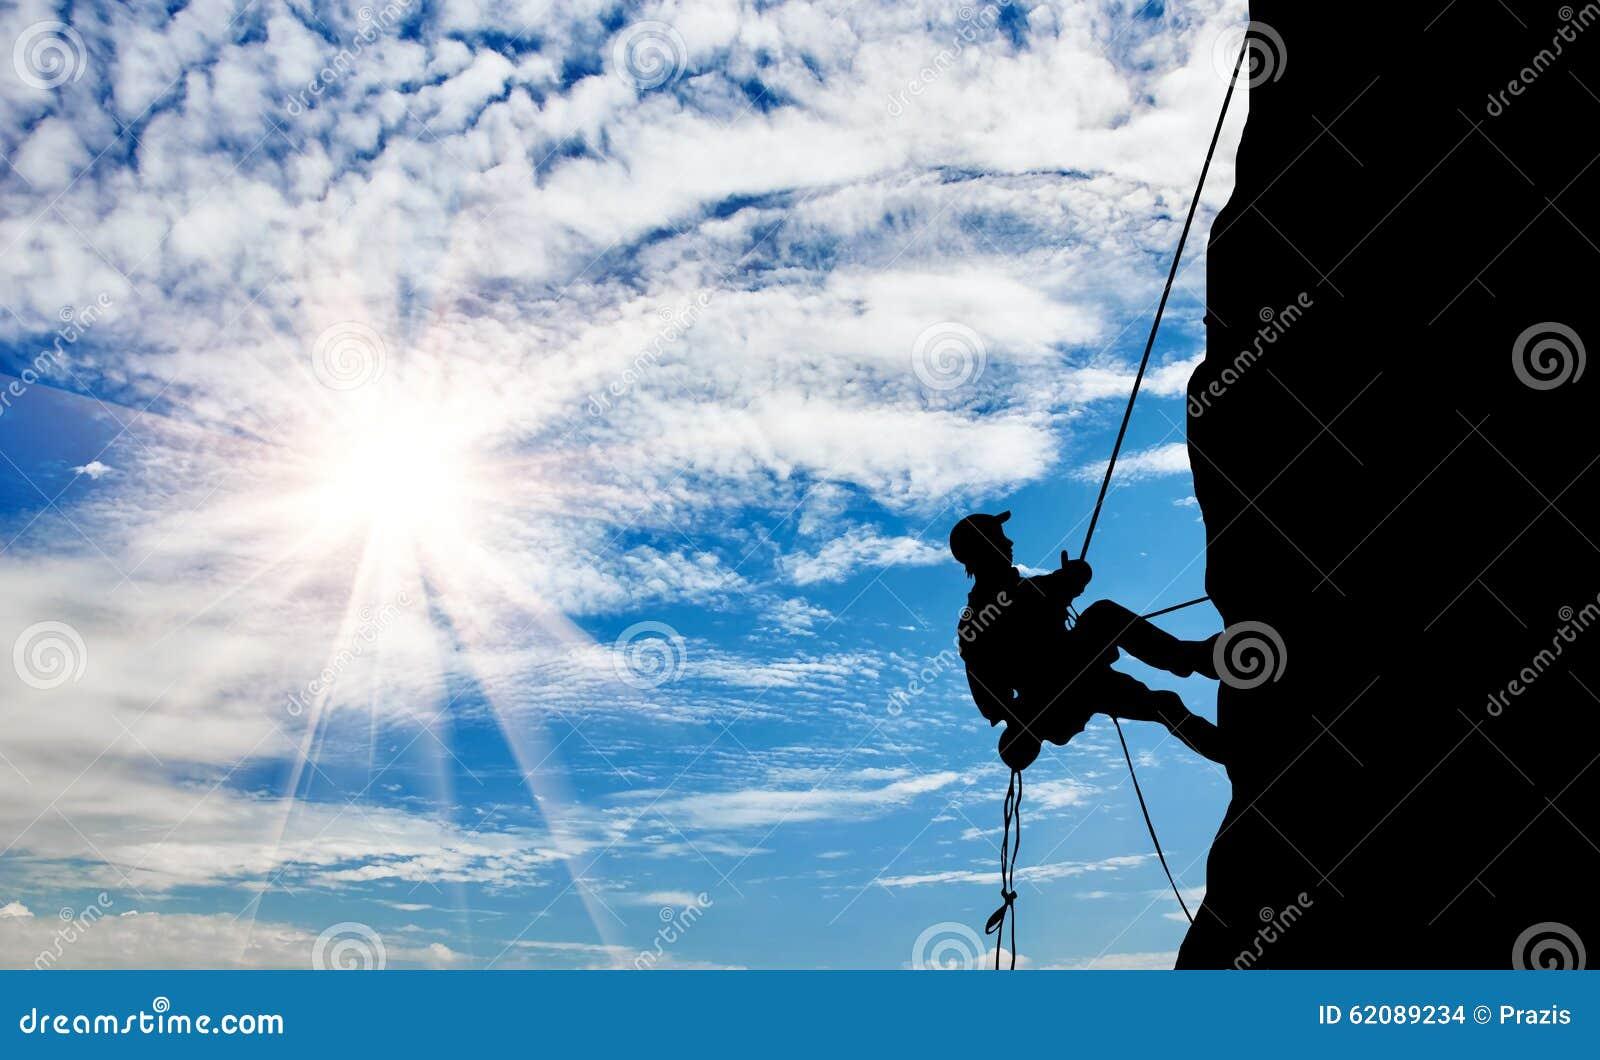 Silhouette climber climbing a mountain